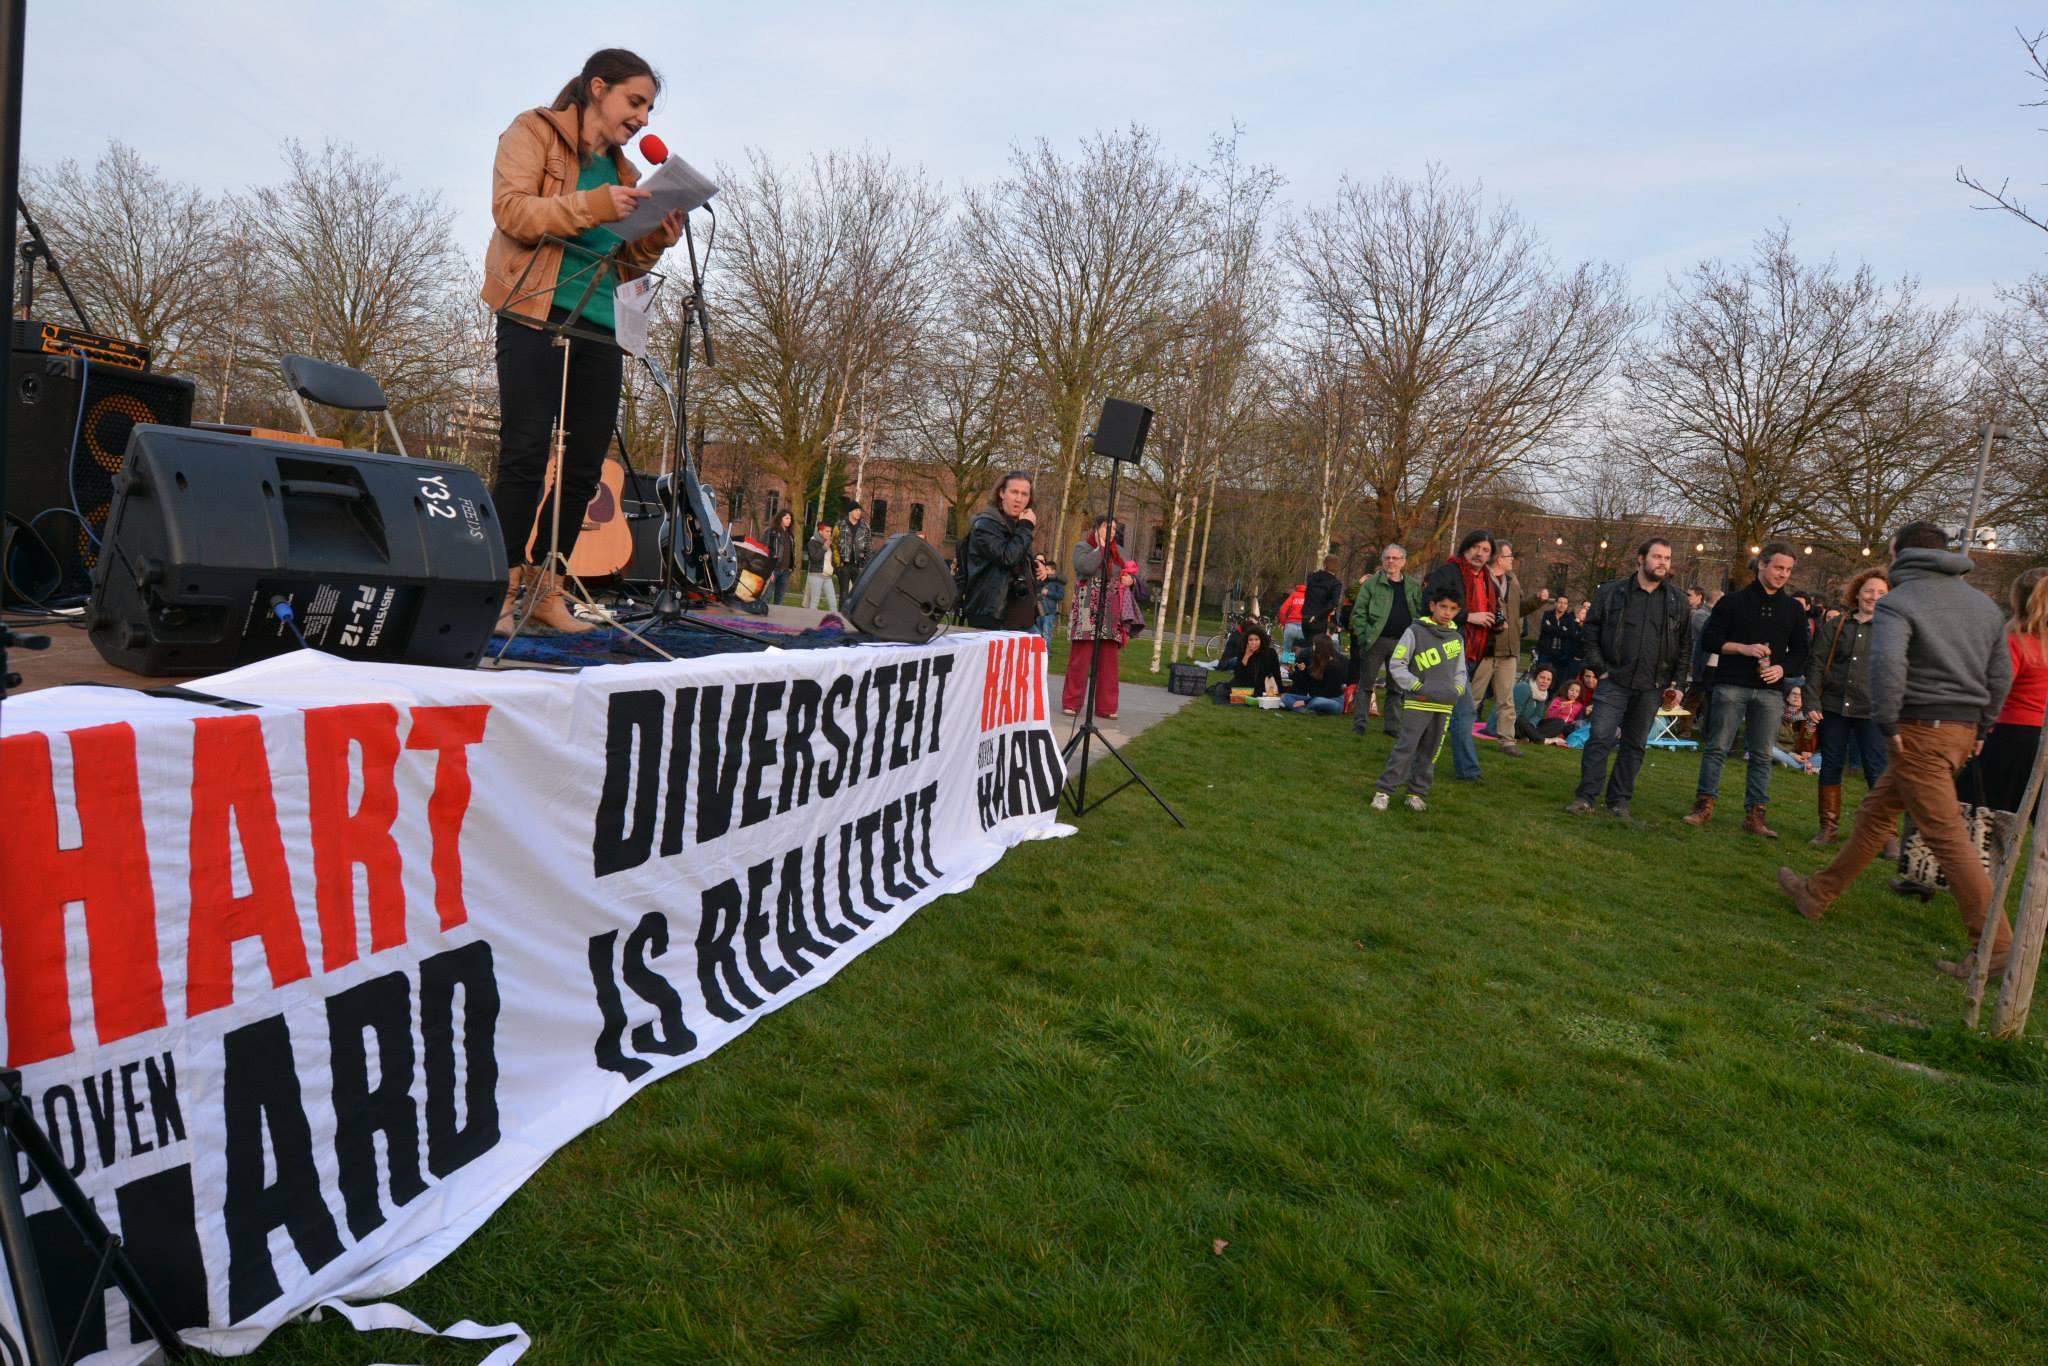 Na geslaagd feest in Gent, naar betogingen tegen volgende acties van Pegida?